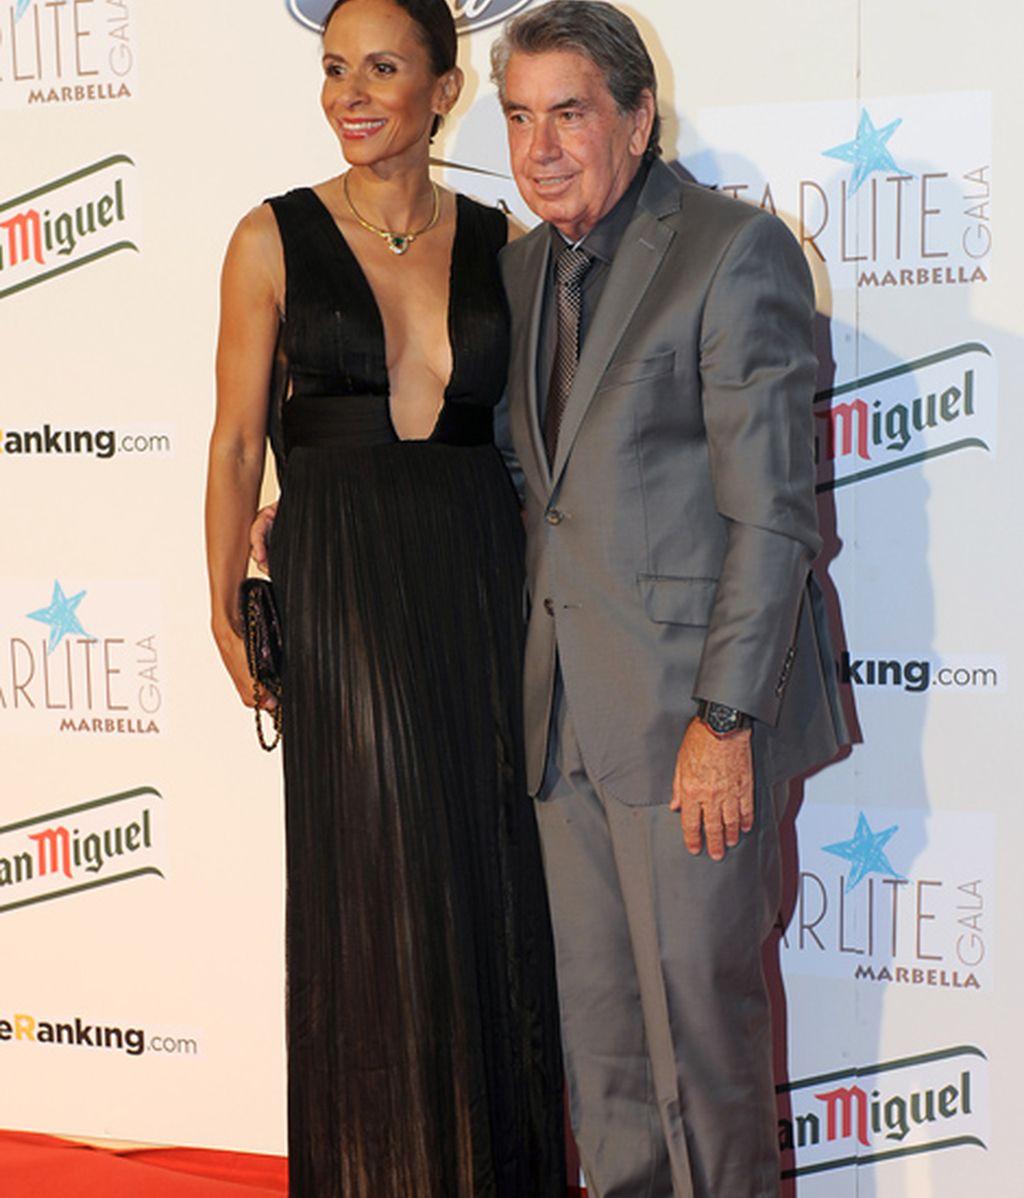 Manolo Santana y su recién estrenada esposa